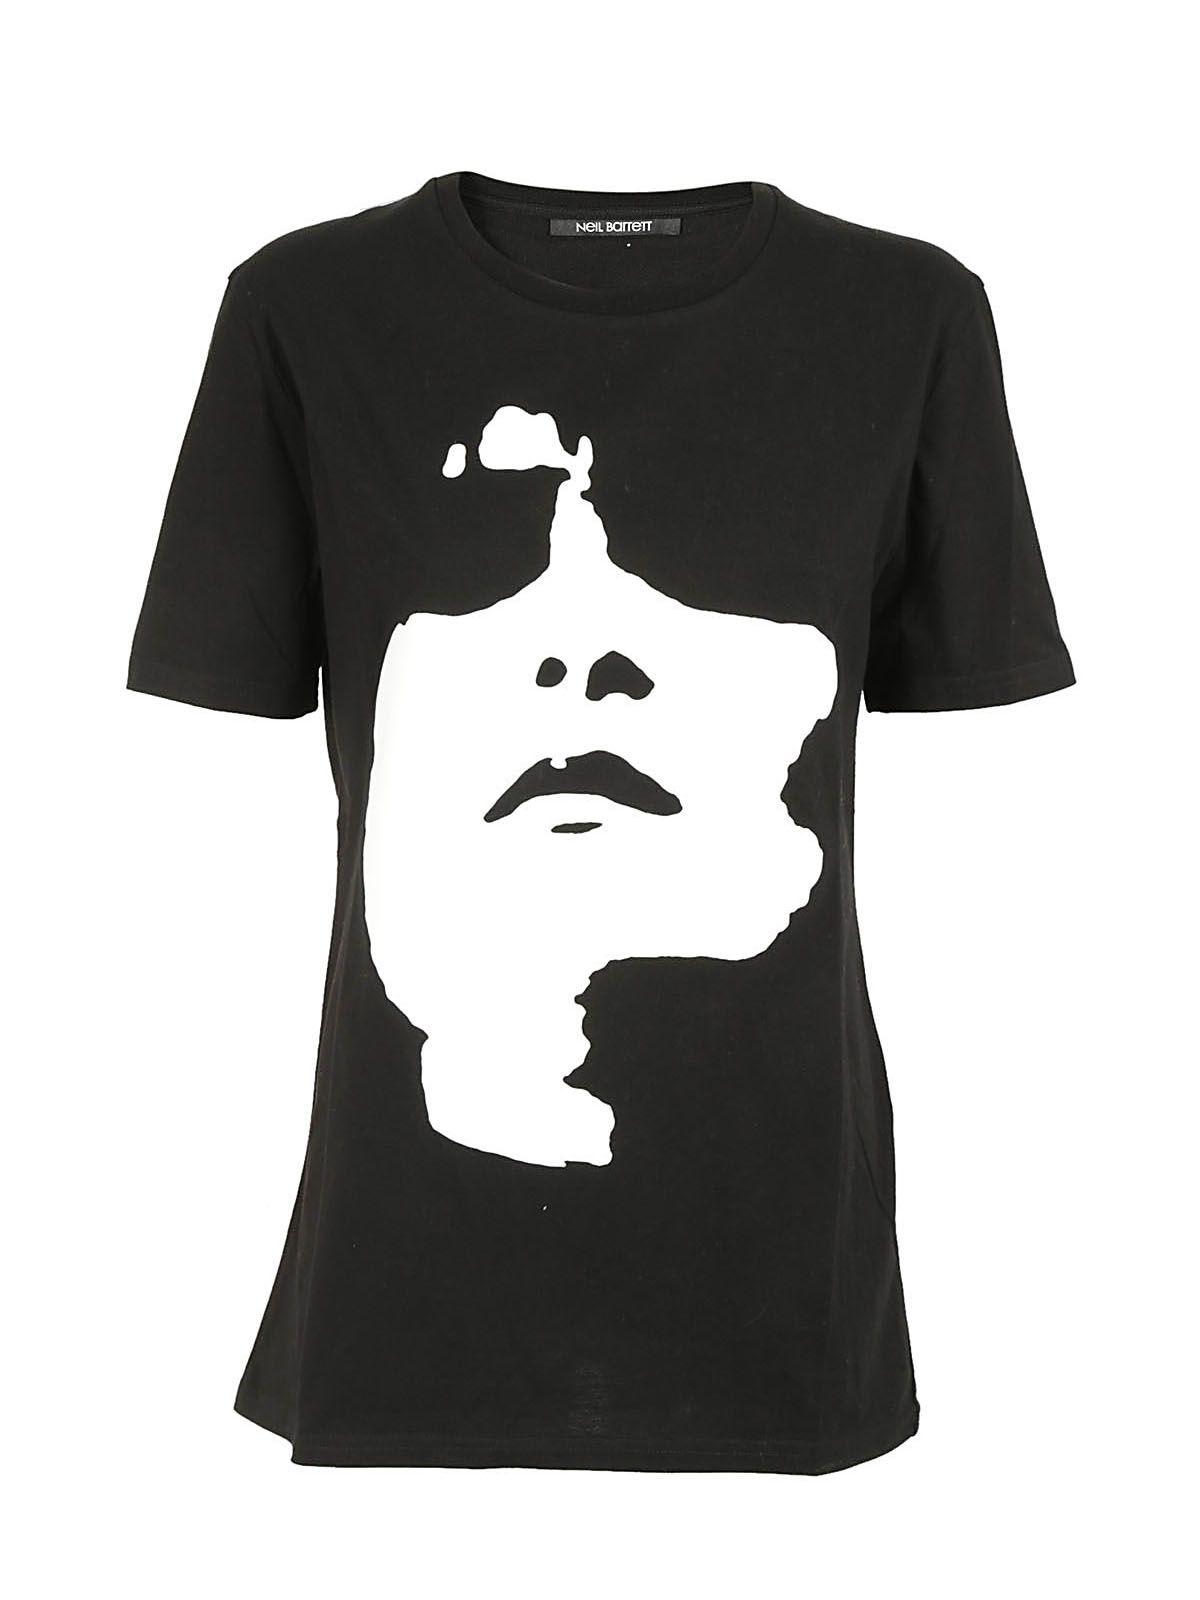 Neil Barrett Classic T-shirt